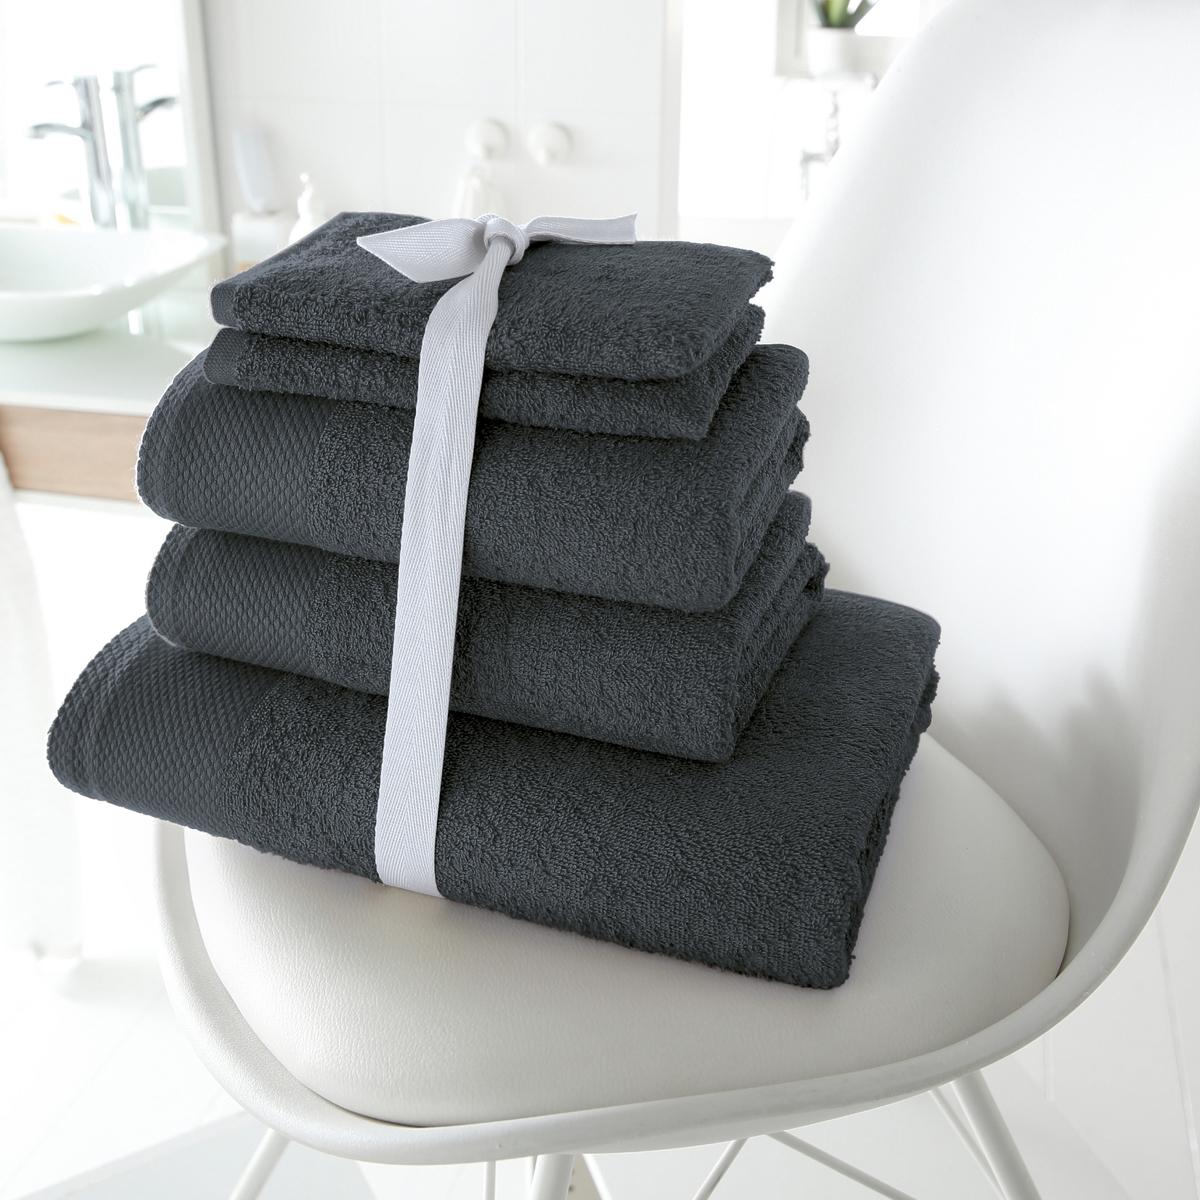 Комплект для ванной, 420 г/м?Махровая ткань, 100% хлопка, 420 г/м?. Стирка при 60°. 1 банное полотенце 70 х 140 см + 2 полотенца 50 х 100 см + 2 банные рукавички 15 х 21 см.<br><br>Цвет: темно-серый